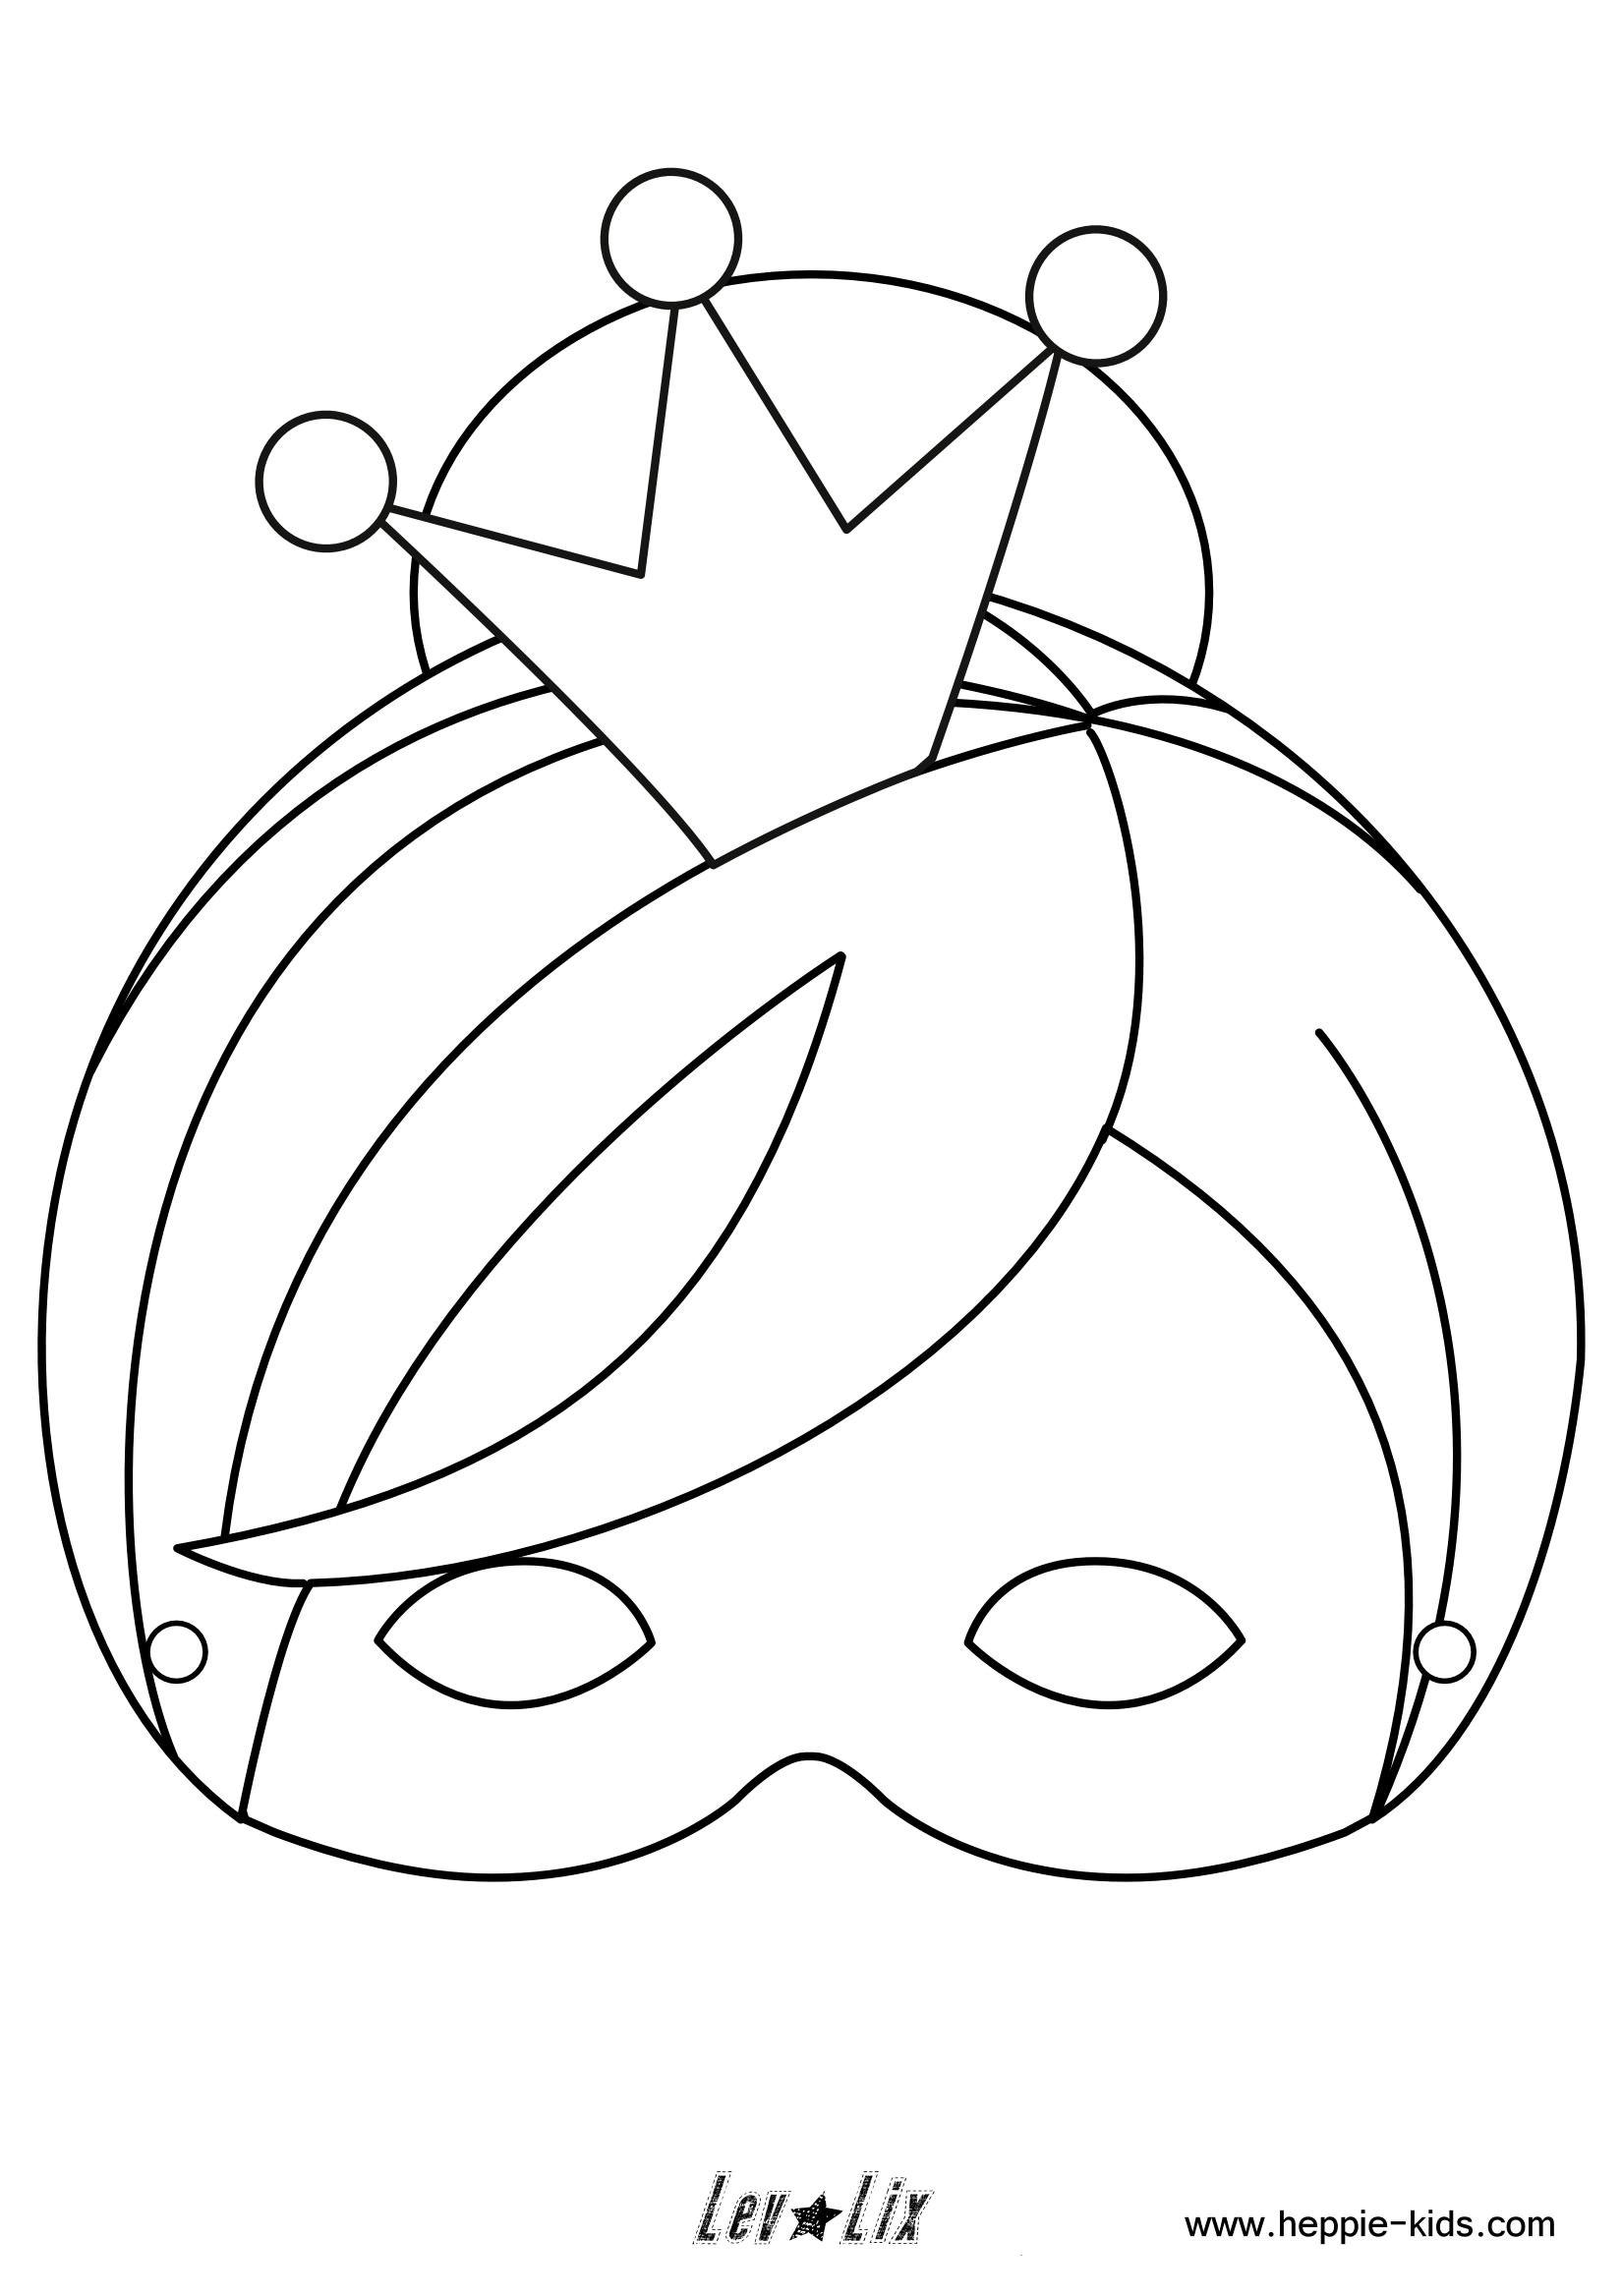 Kleurplaten Halloween Maskers.Inspirational Kleurplaten Masker Halloween Kleurplaten